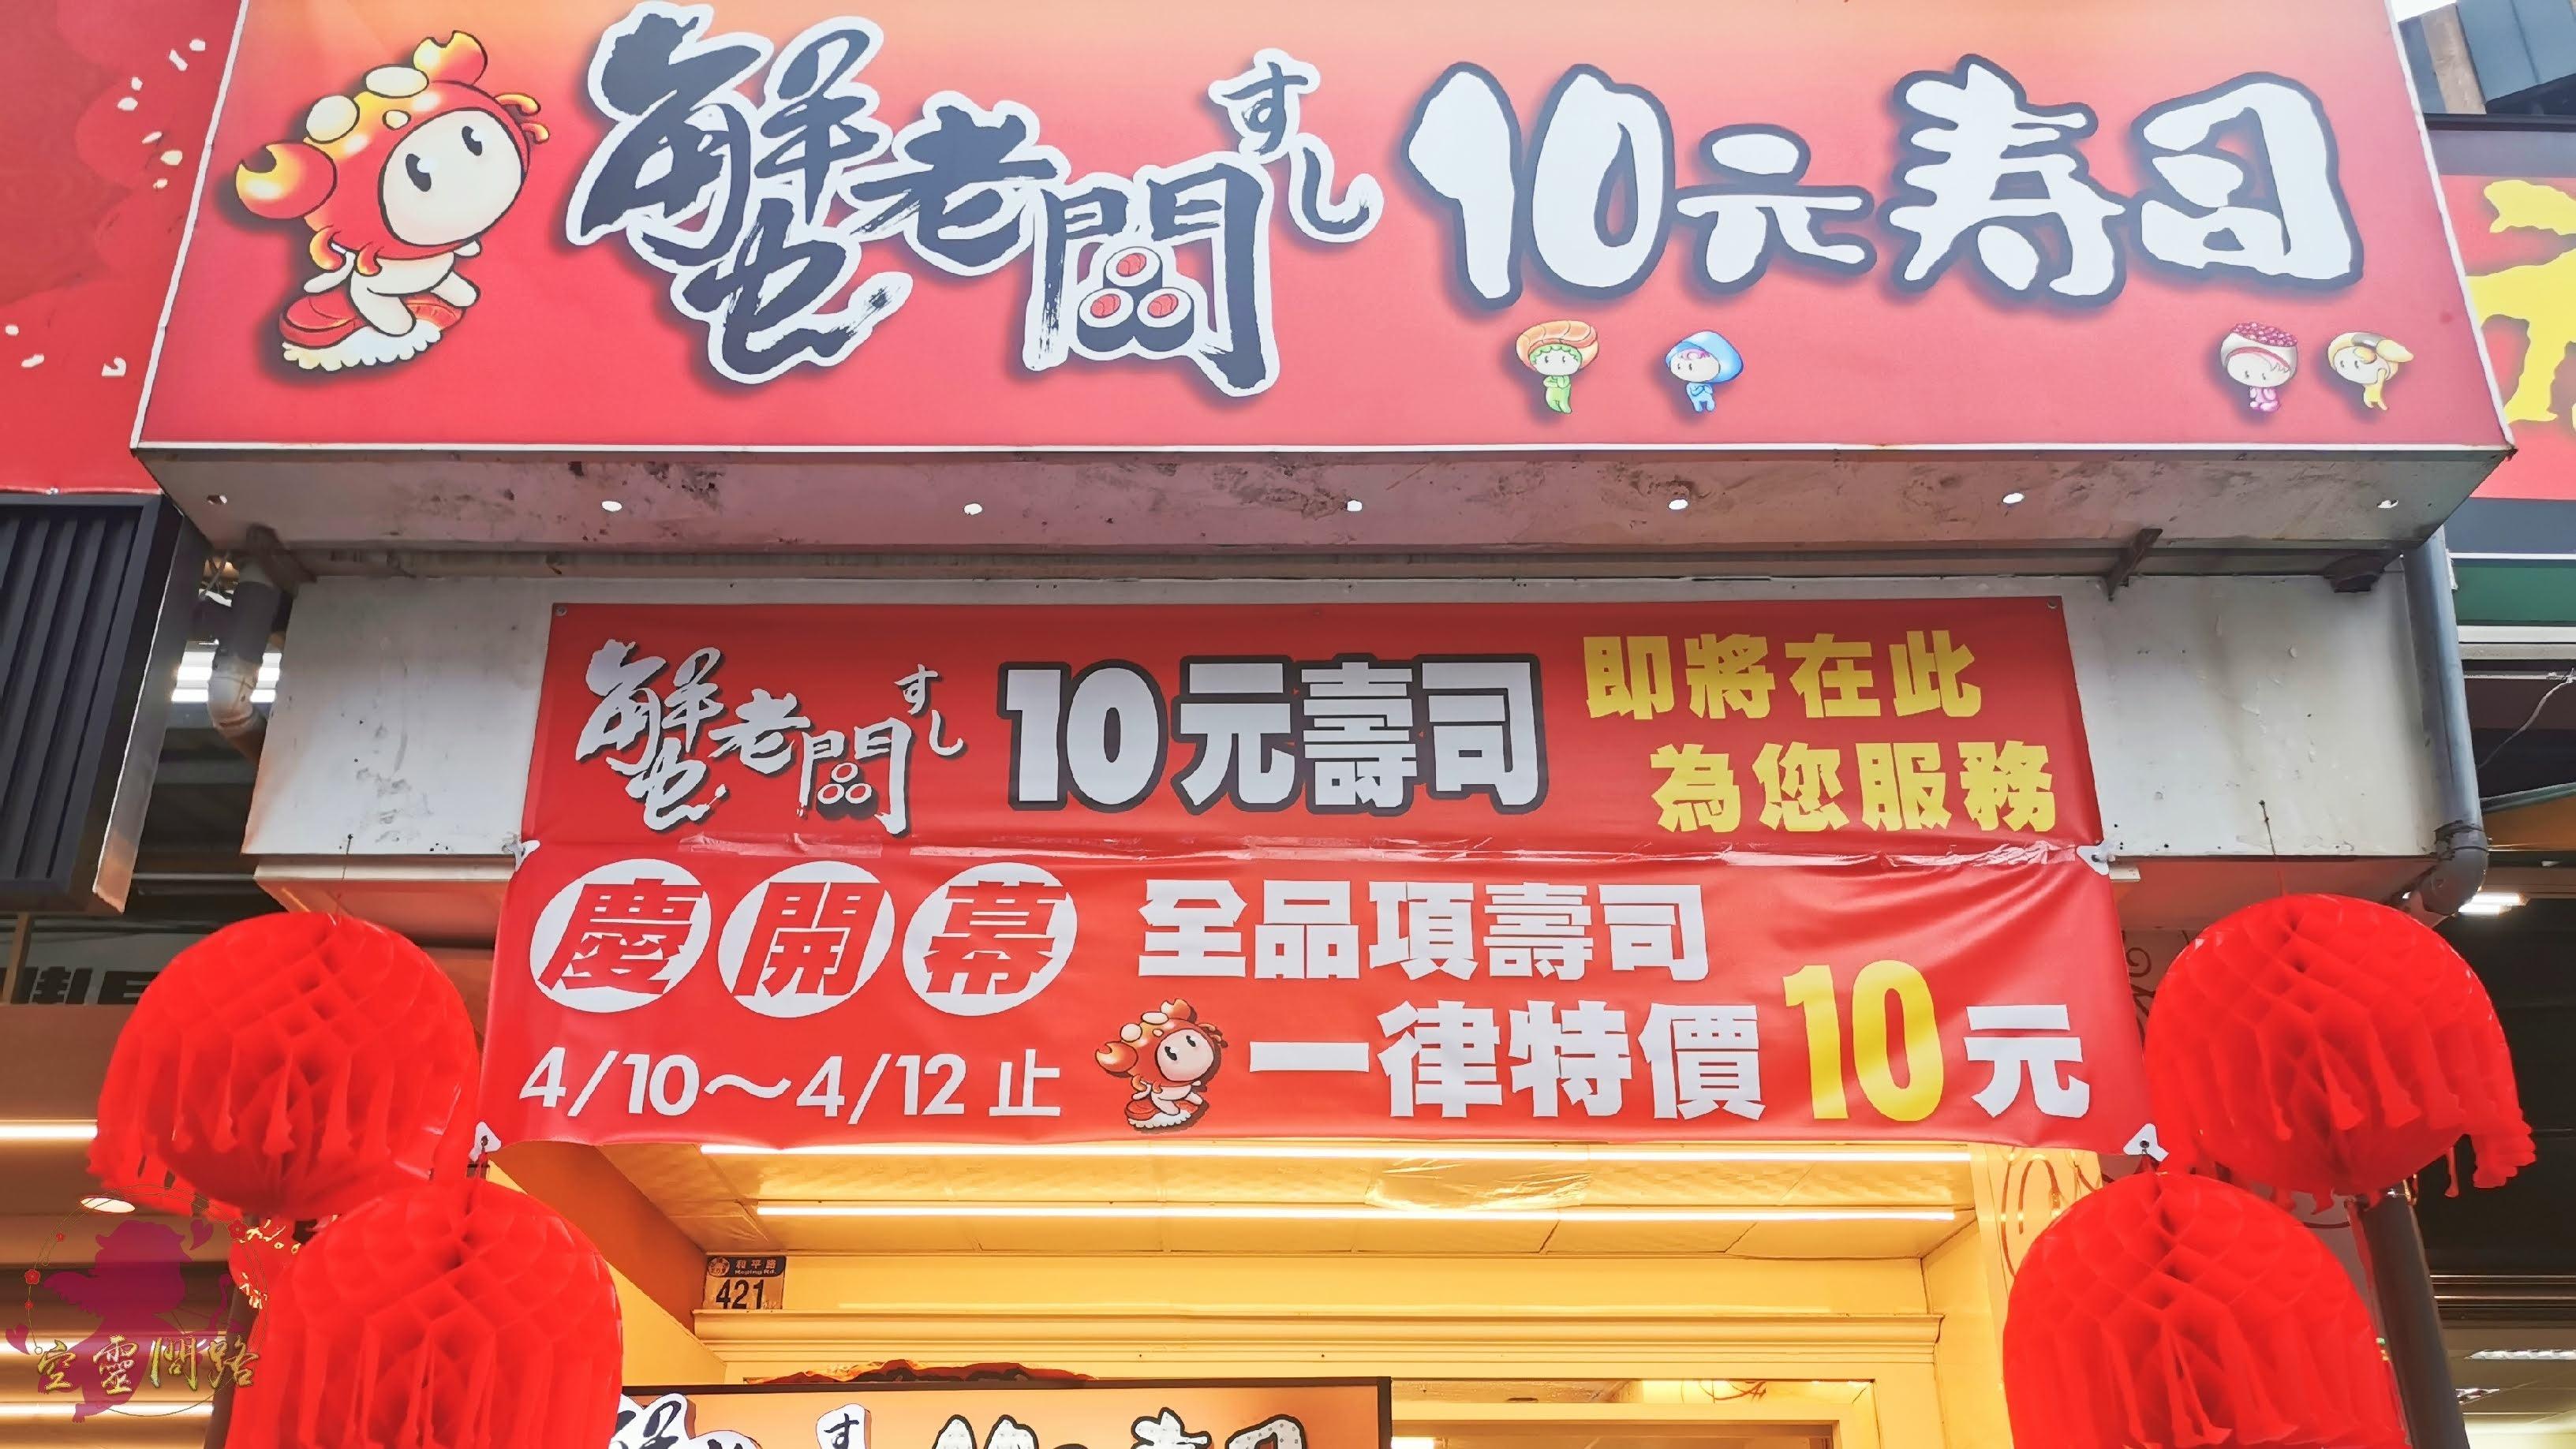 蟹老闆10元壽司店